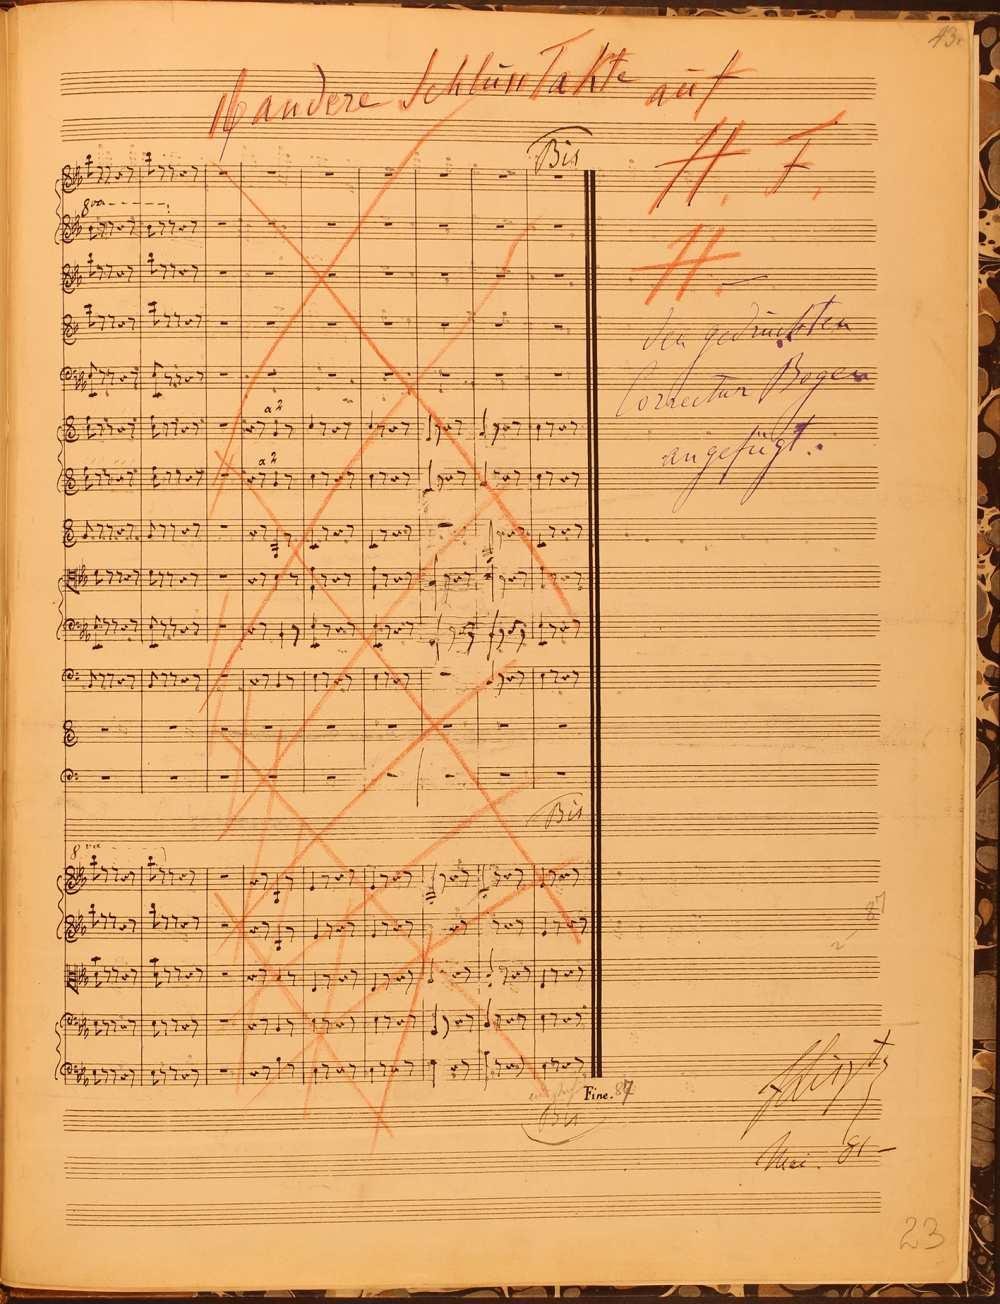 Mefisztó-keringő. A zenekarra írt változat nyomdai kézirata a szerző saját kezű áthúzásaival és a mű tizenhat új záróütemére utaló bejegyzéseivel, 1881. május. – Zeneműtár, Ms. mus. 4972